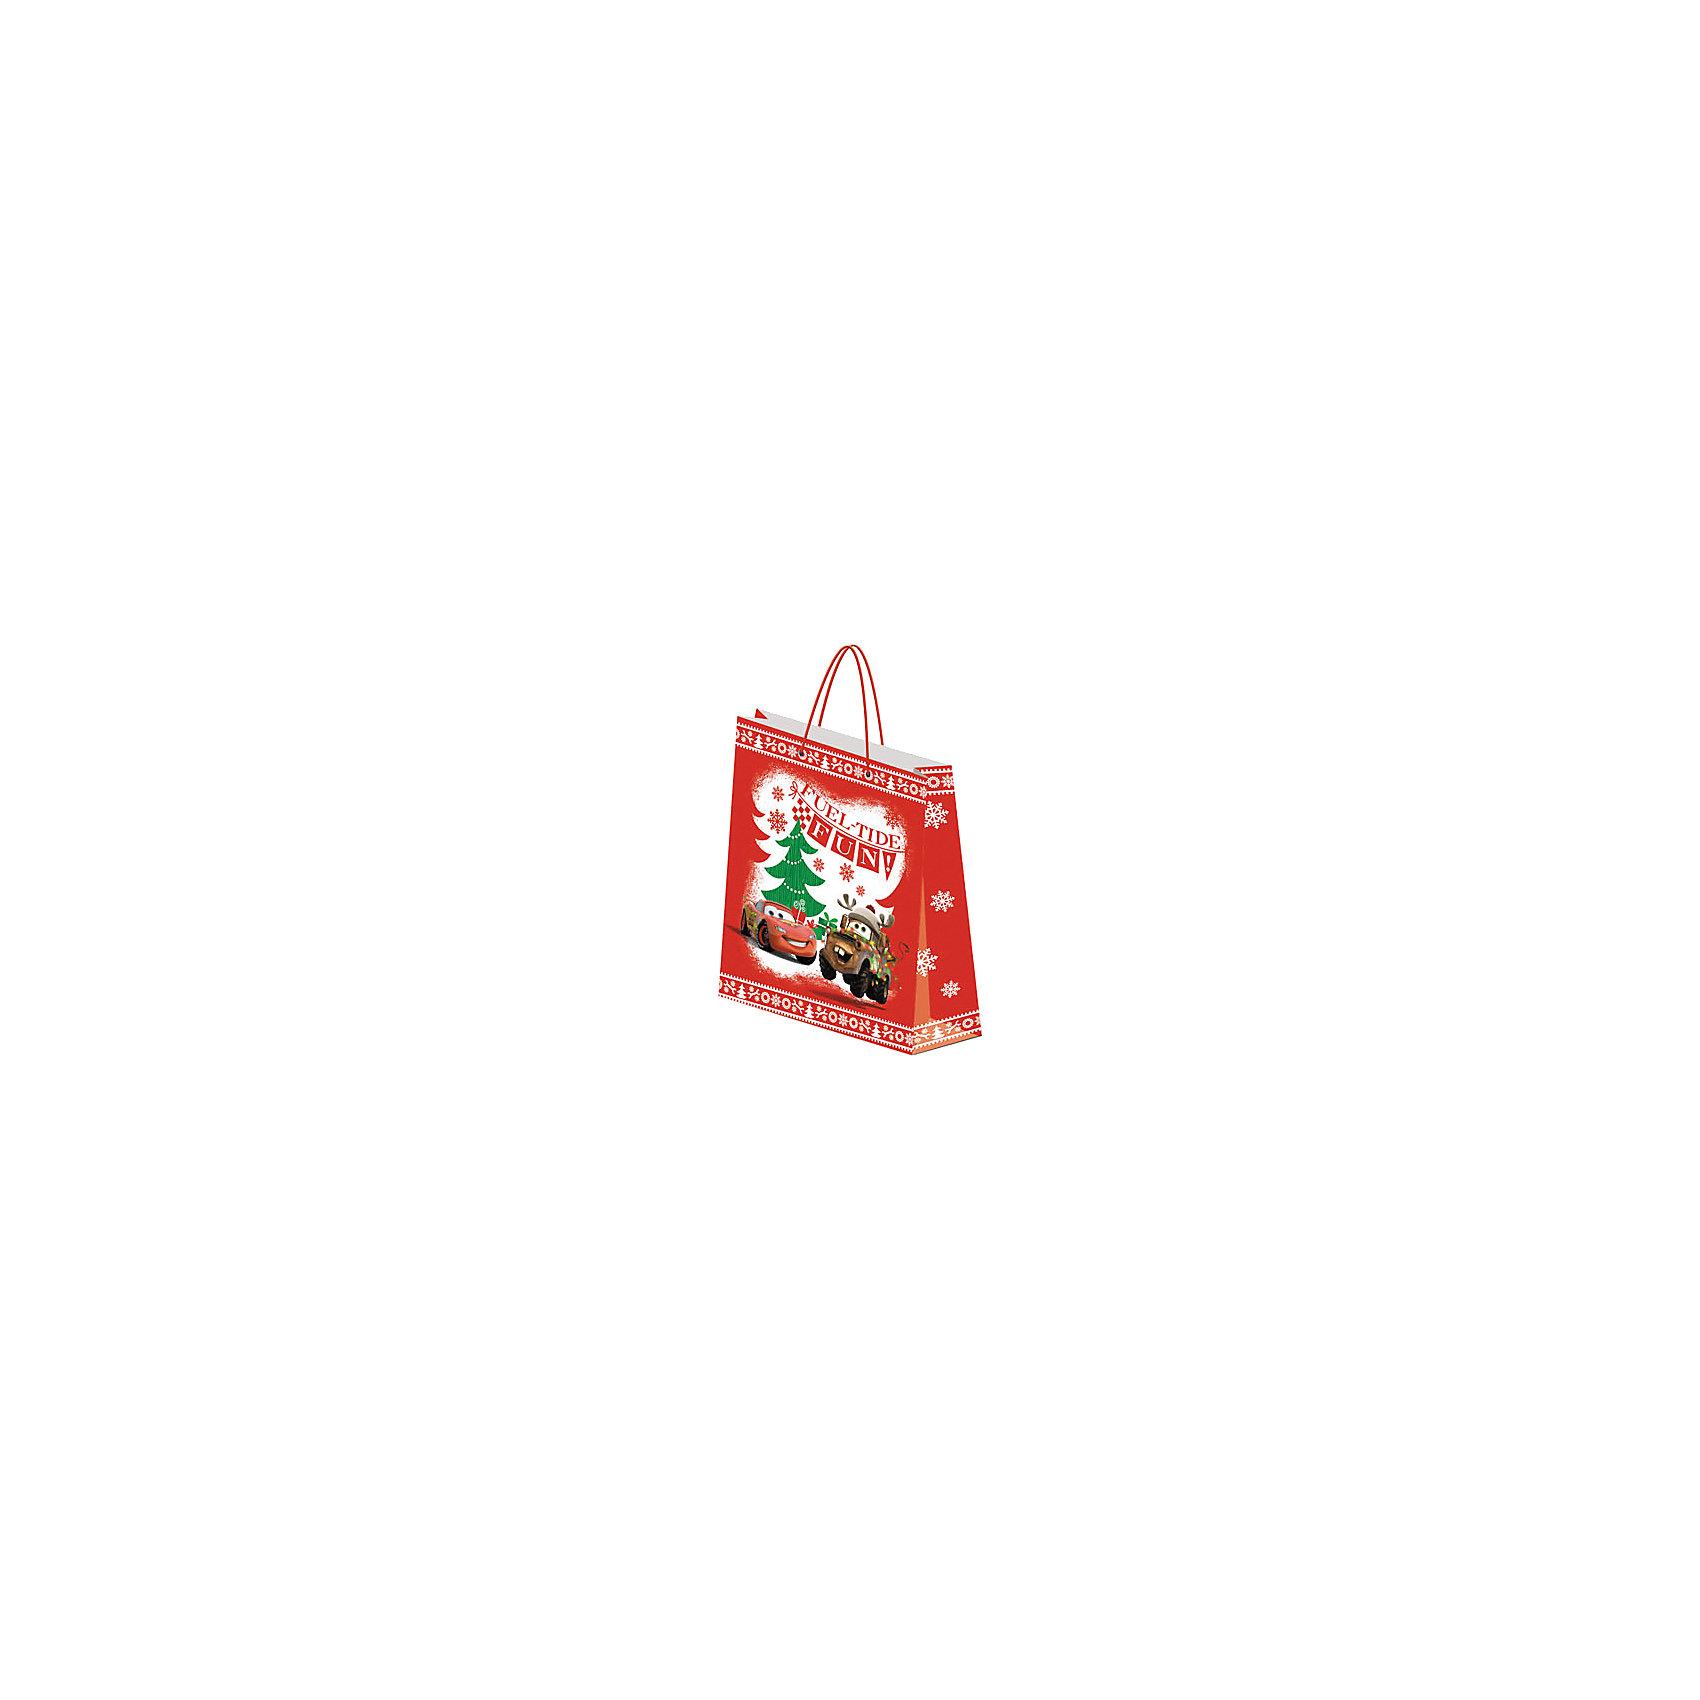 Подарочный пакет Тачки 41,5*55*15,5 смКрасиво упакованный подарок приятно получать вдвойне! Яркий пакет с любимыми героями станет прекрасным дополнением к любому подарку. <br><br>Дополнительная информация:<br><br>- Материал: бумага.<br>- Размер: 41,5х55х15,5 см. <br>- Эффект: матовая ламинация. <br><br>Подарочный пакет Тачки (Cars), 41,5х55х15,5 см, можно купить в нашем магазине.<br><br>Ширина мм: 410<br>Глубина мм: 155<br>Высота мм: 550<br>Вес г: 162<br>Возраст от месяцев: 48<br>Возраст до месяцев: 84<br>Пол: Мужской<br>Возраст: Детский<br>SKU: 4319932